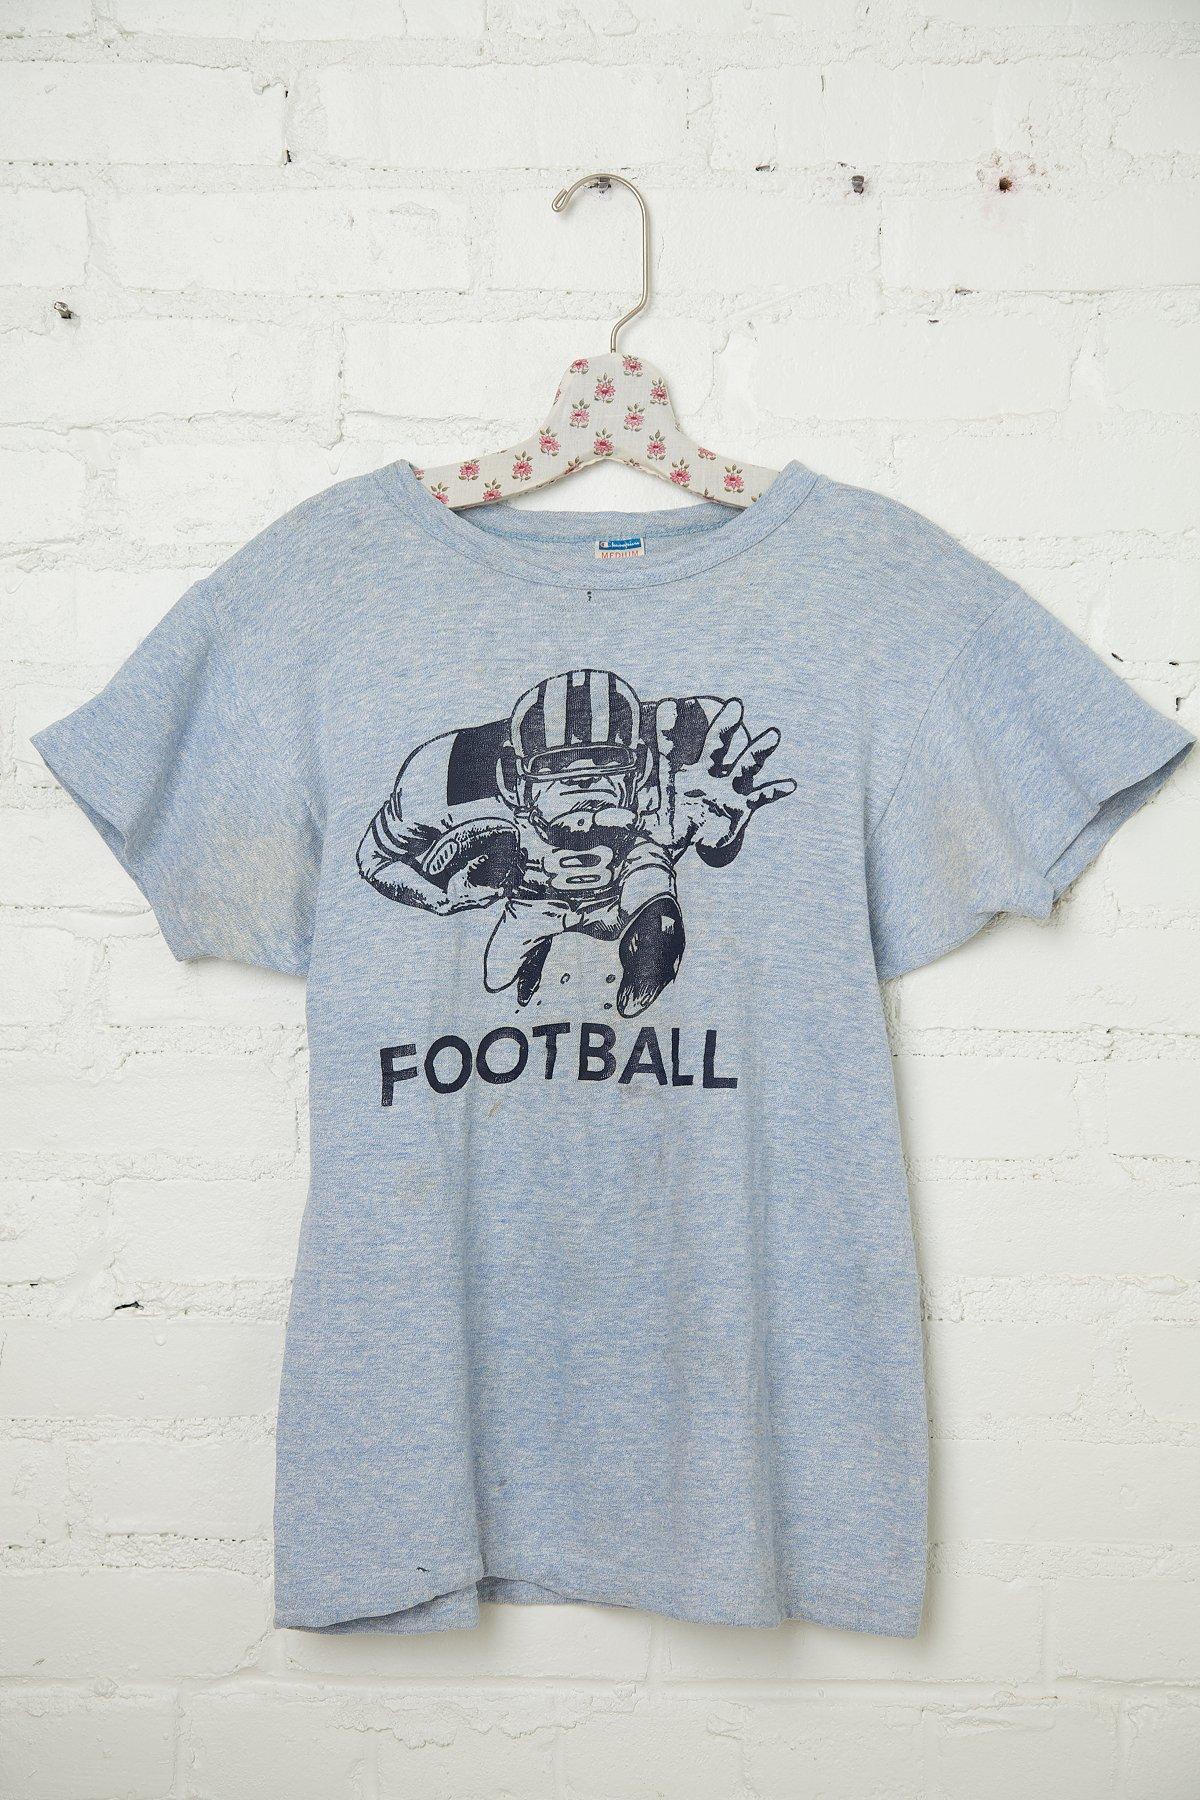 Vintage Football Tee